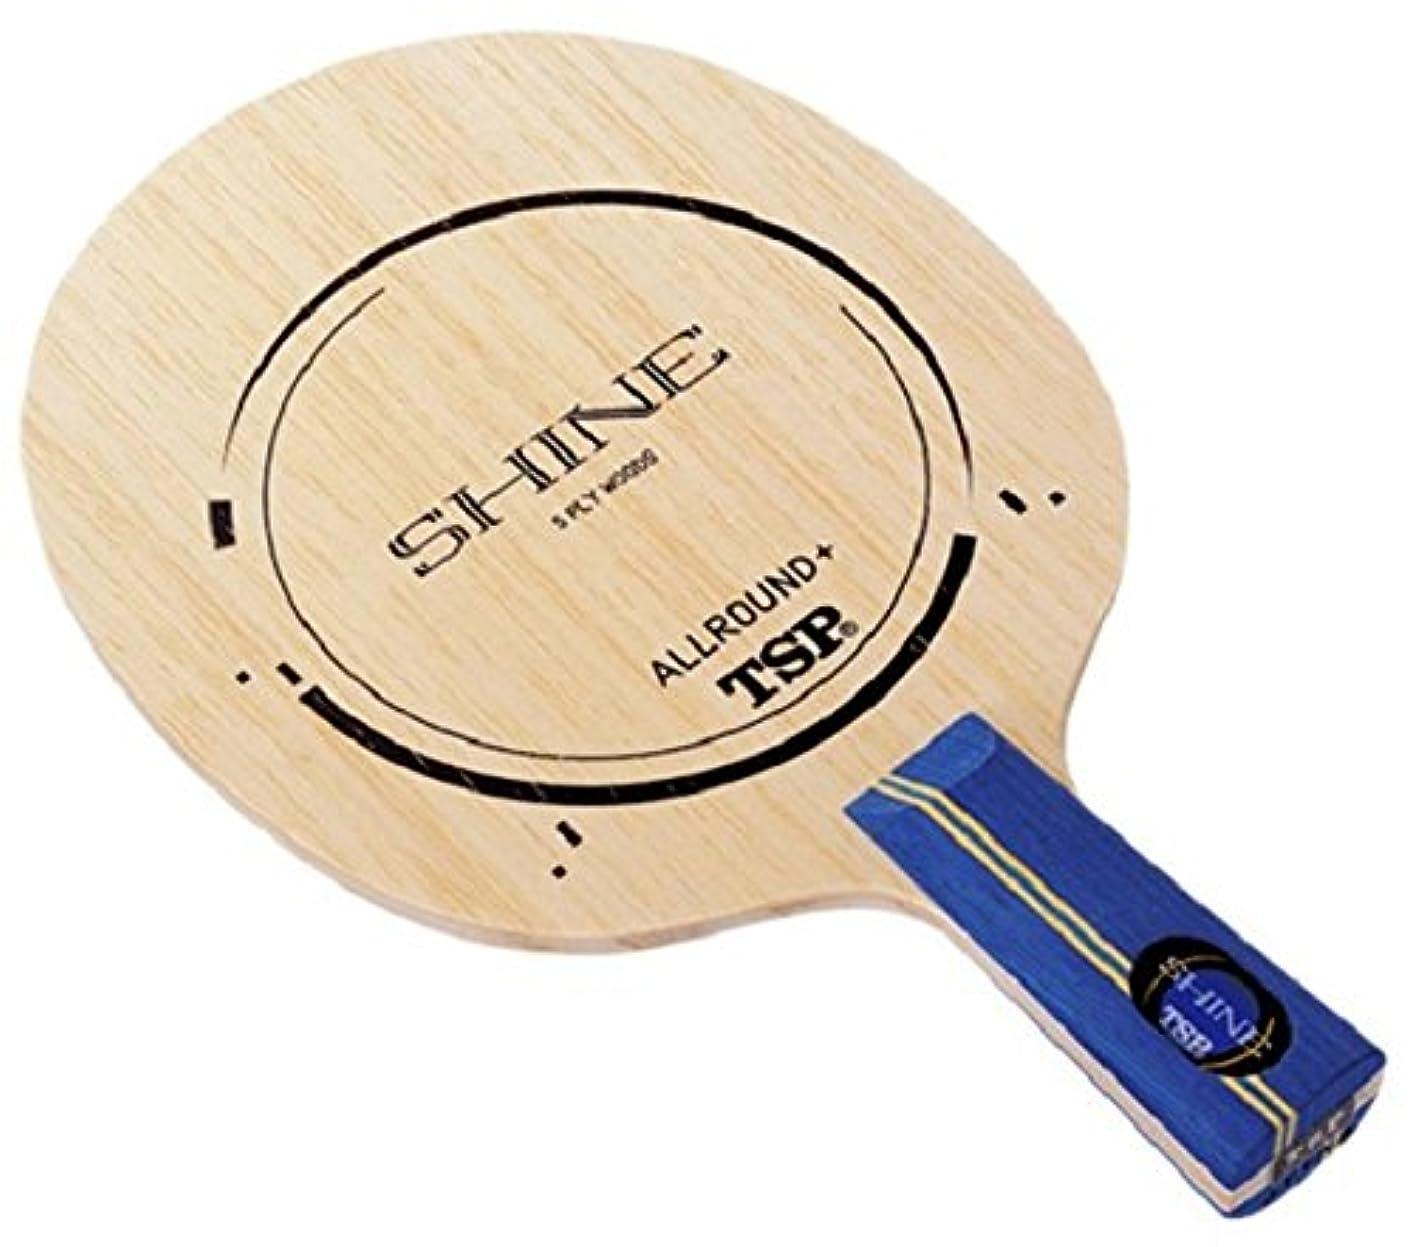 ファックスラビリンス広範囲ティーエスピー(TSP) 卓球 中国式ペンラケット シャイン CHN 021043